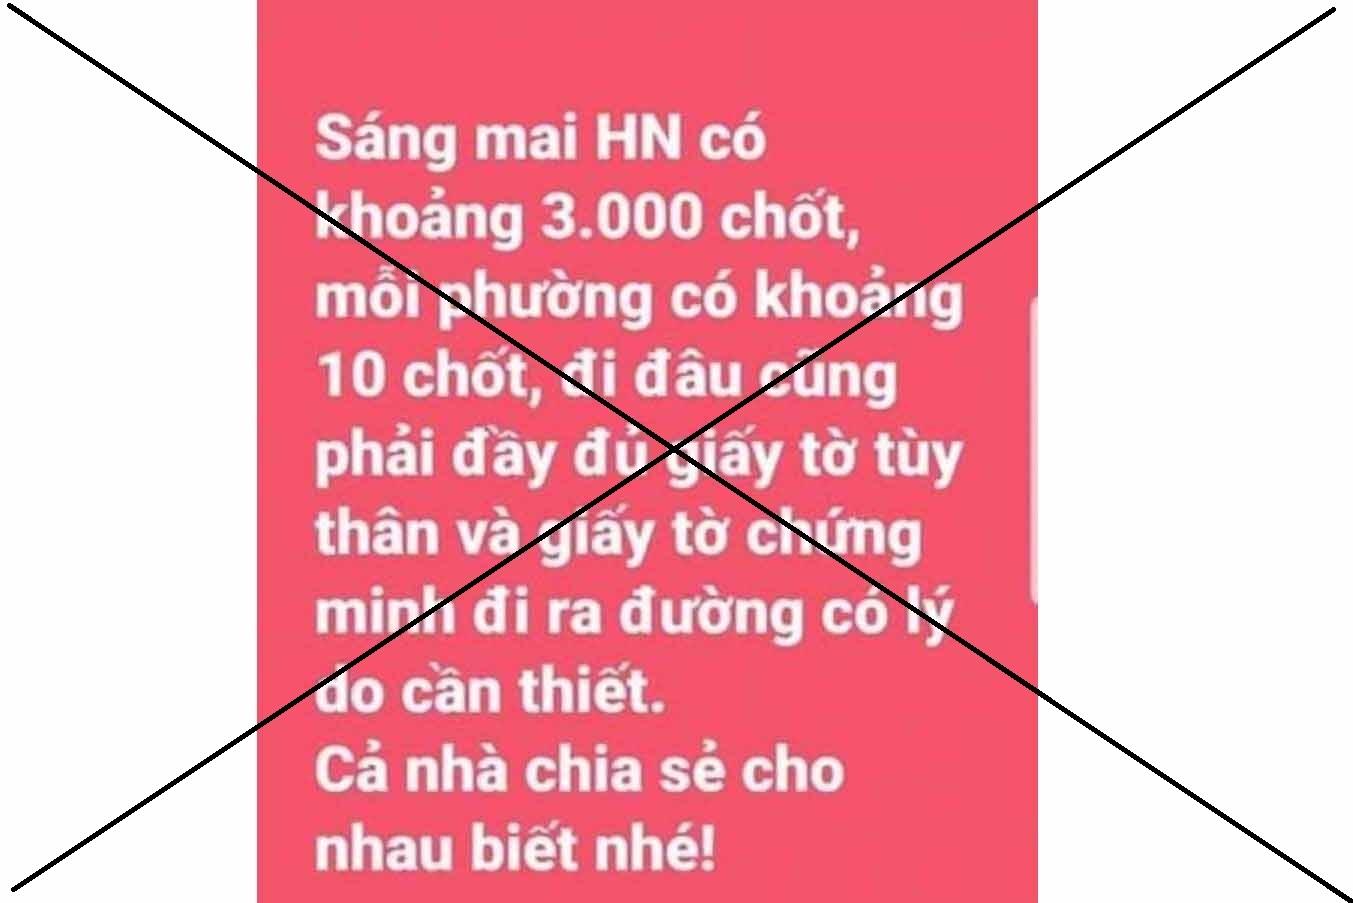 Tung tin Hà Nội 'có khoảng 3.000 chốt', 1 phụ nữ bị phạt 12.5 triệu đồng